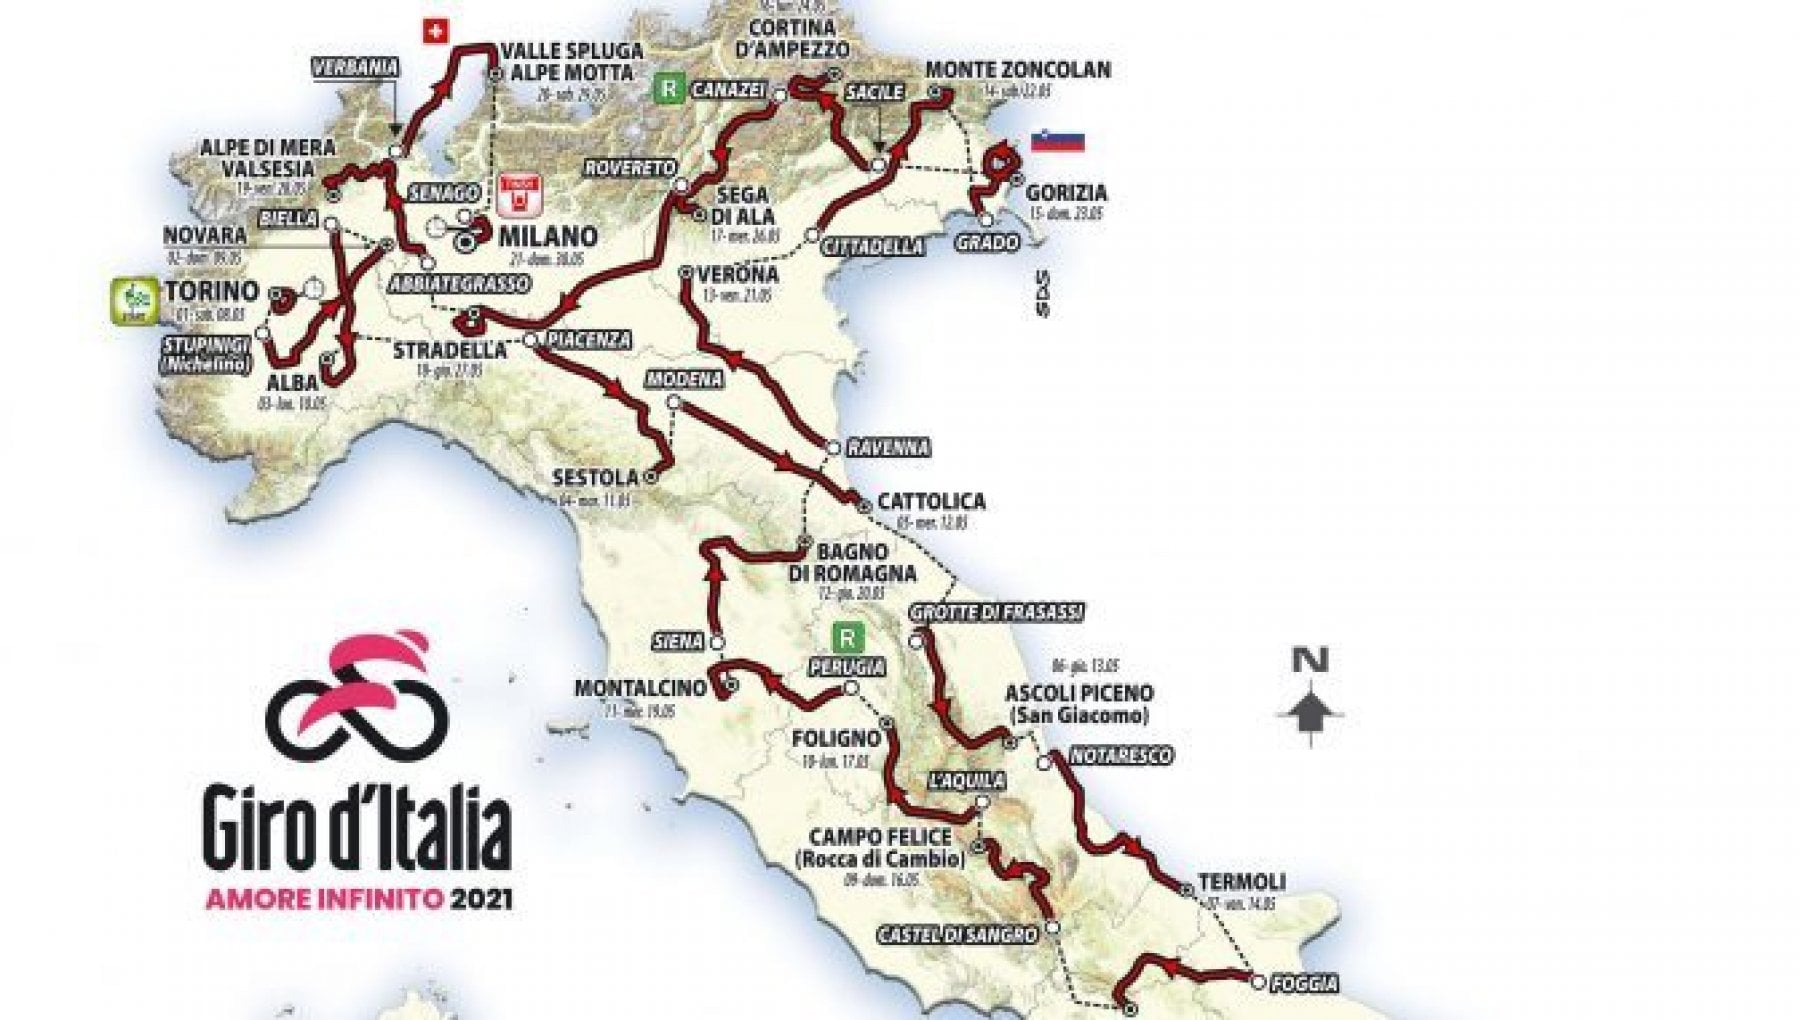 Cartina Italia Riccione.Ciclismo Il Giro D Italia Torna Sulle Strade Dell Emilia Romagna Ecco Le Tappe La Repubblica